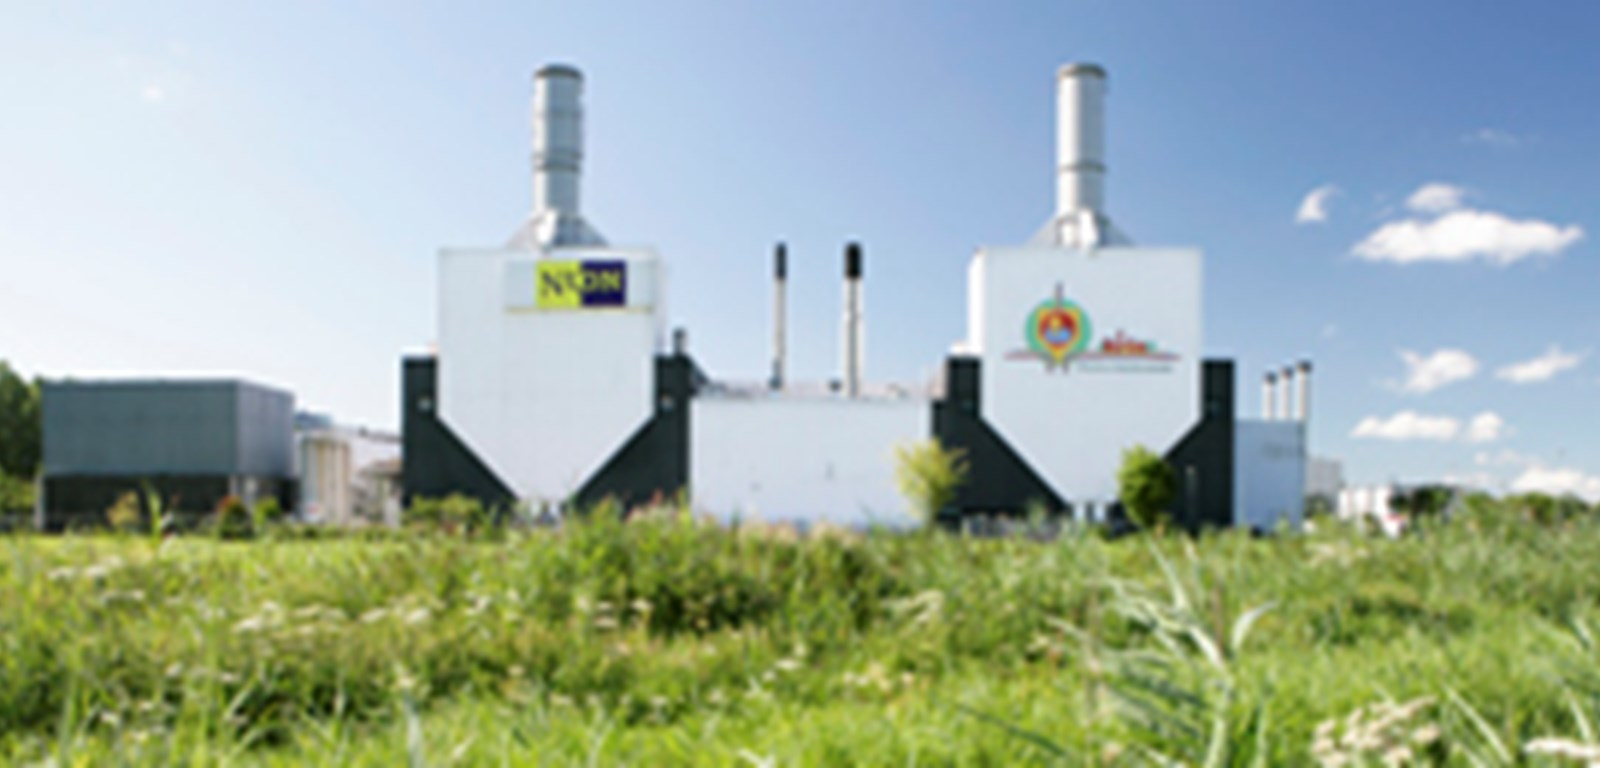 Industrie kan overschot en tekort zon en windenergie opvangen